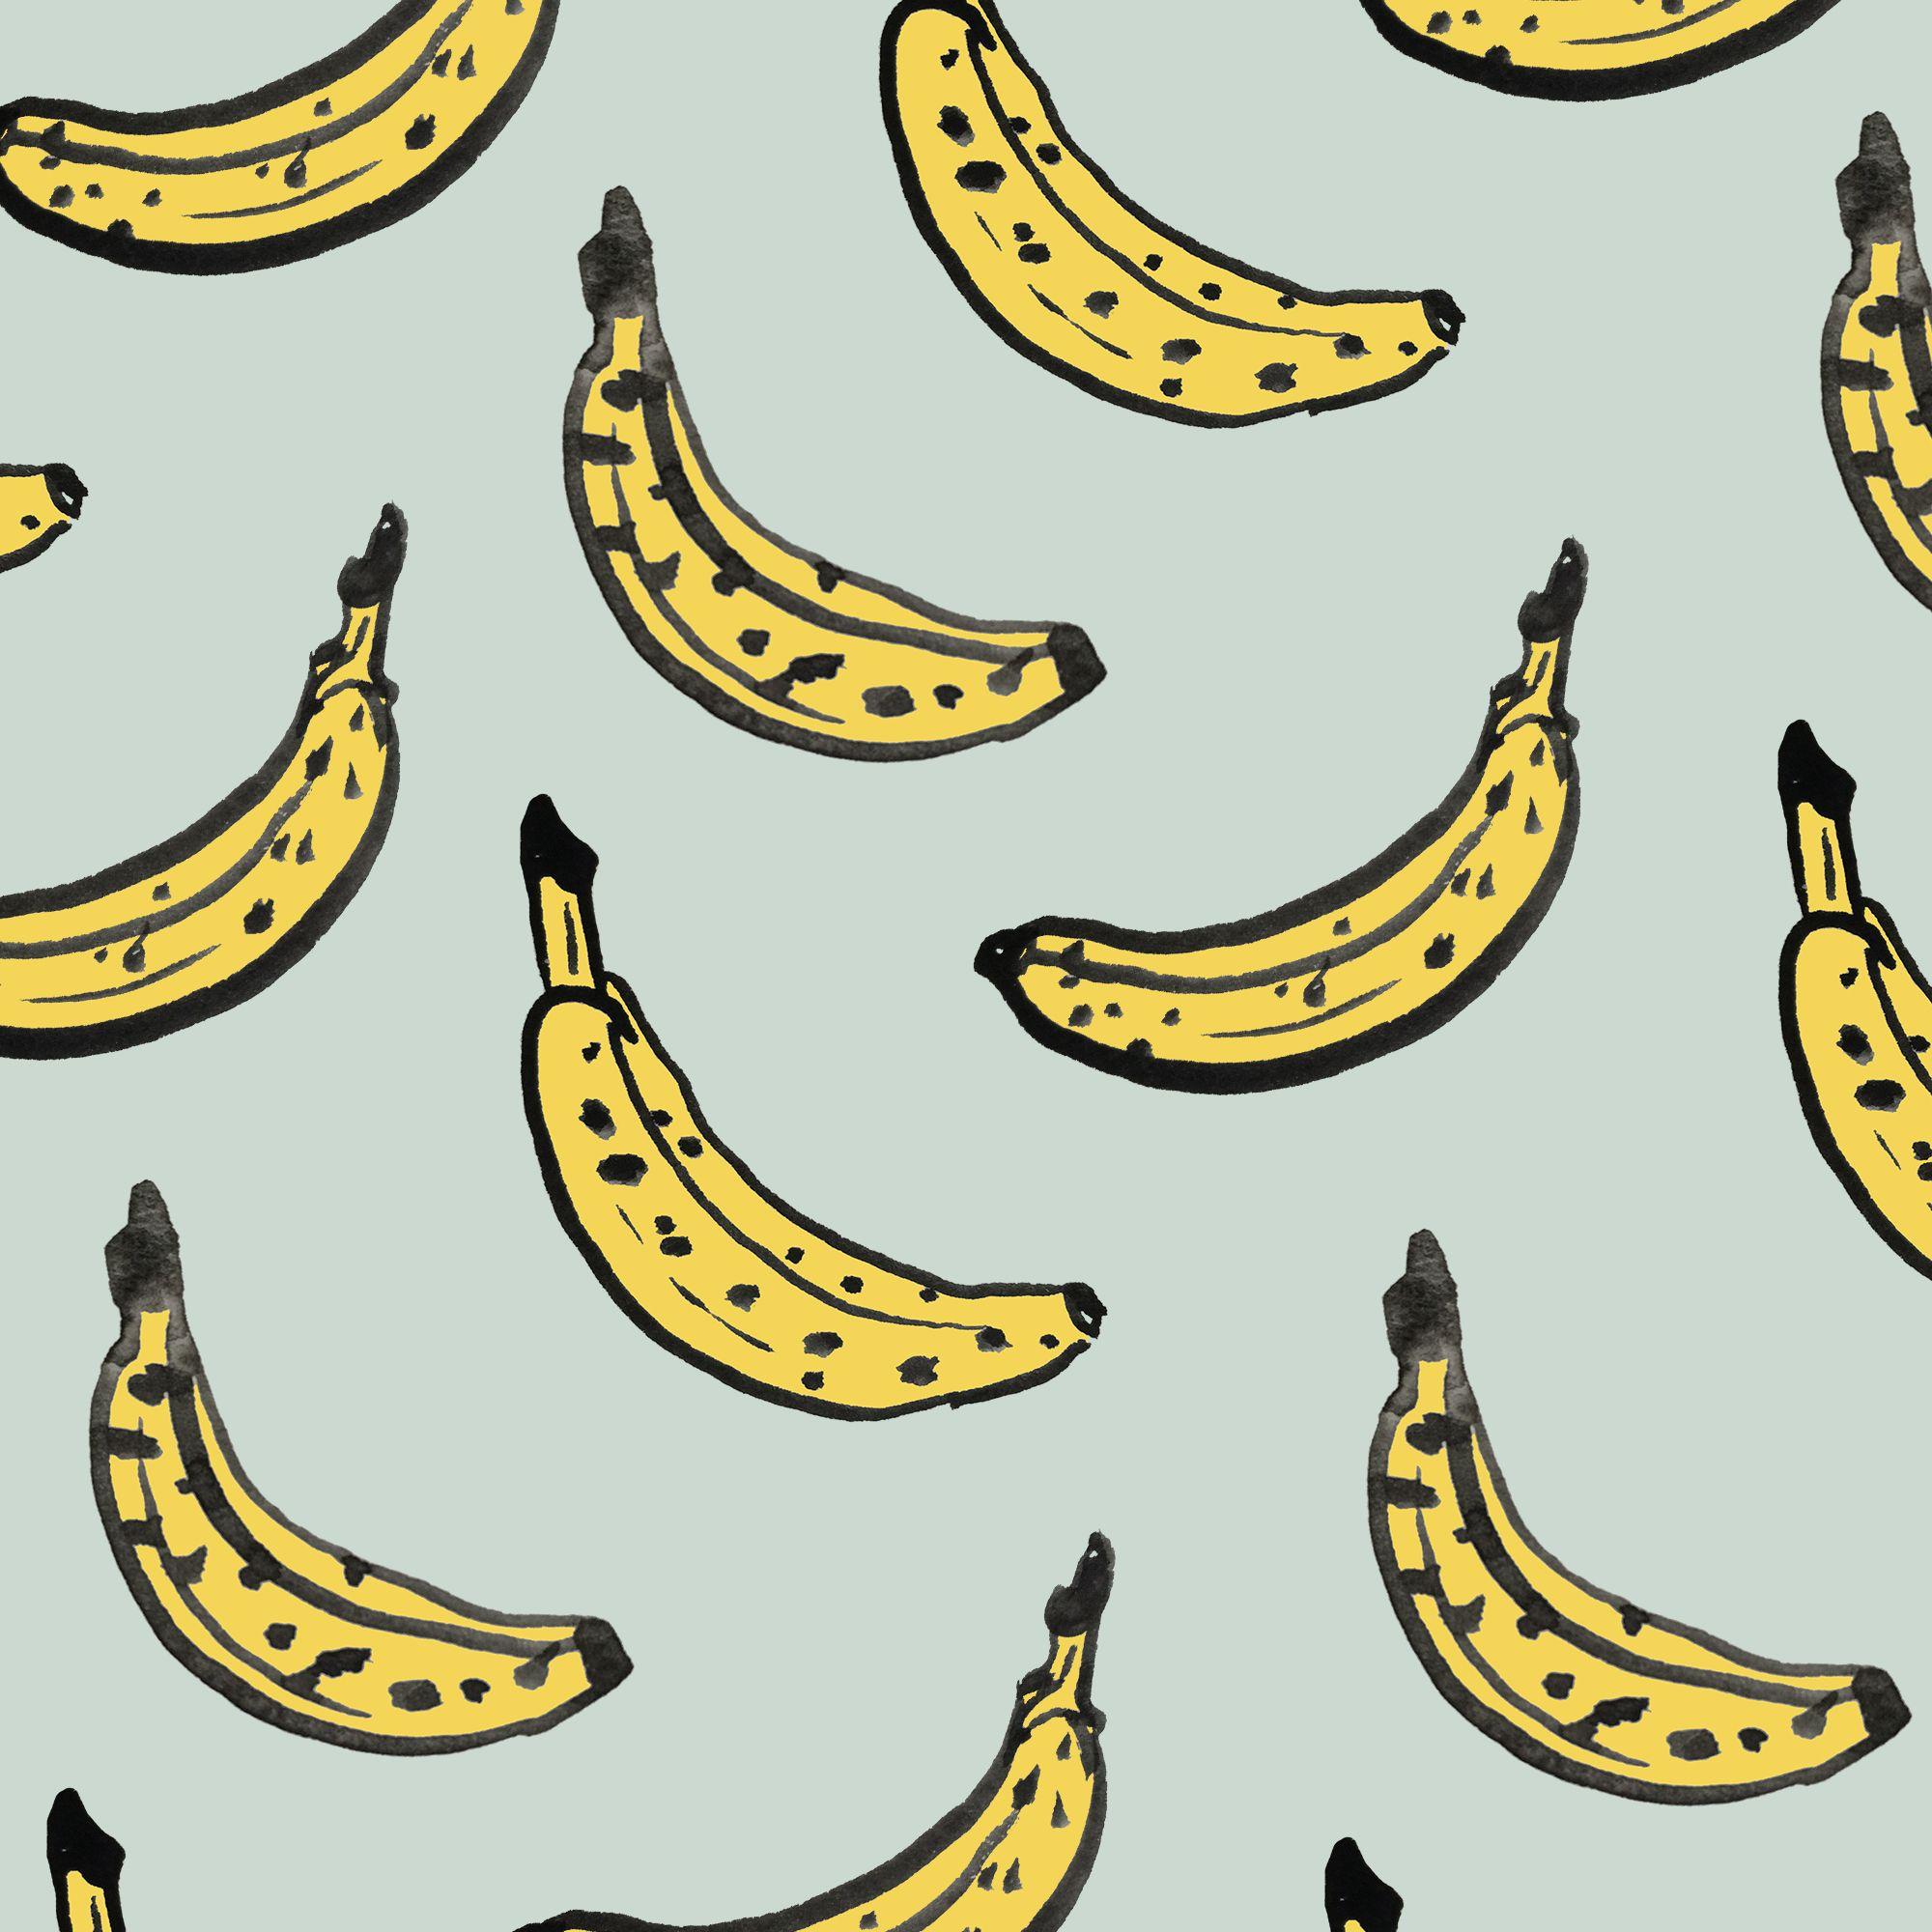 Bananas pattern by Sara Combs